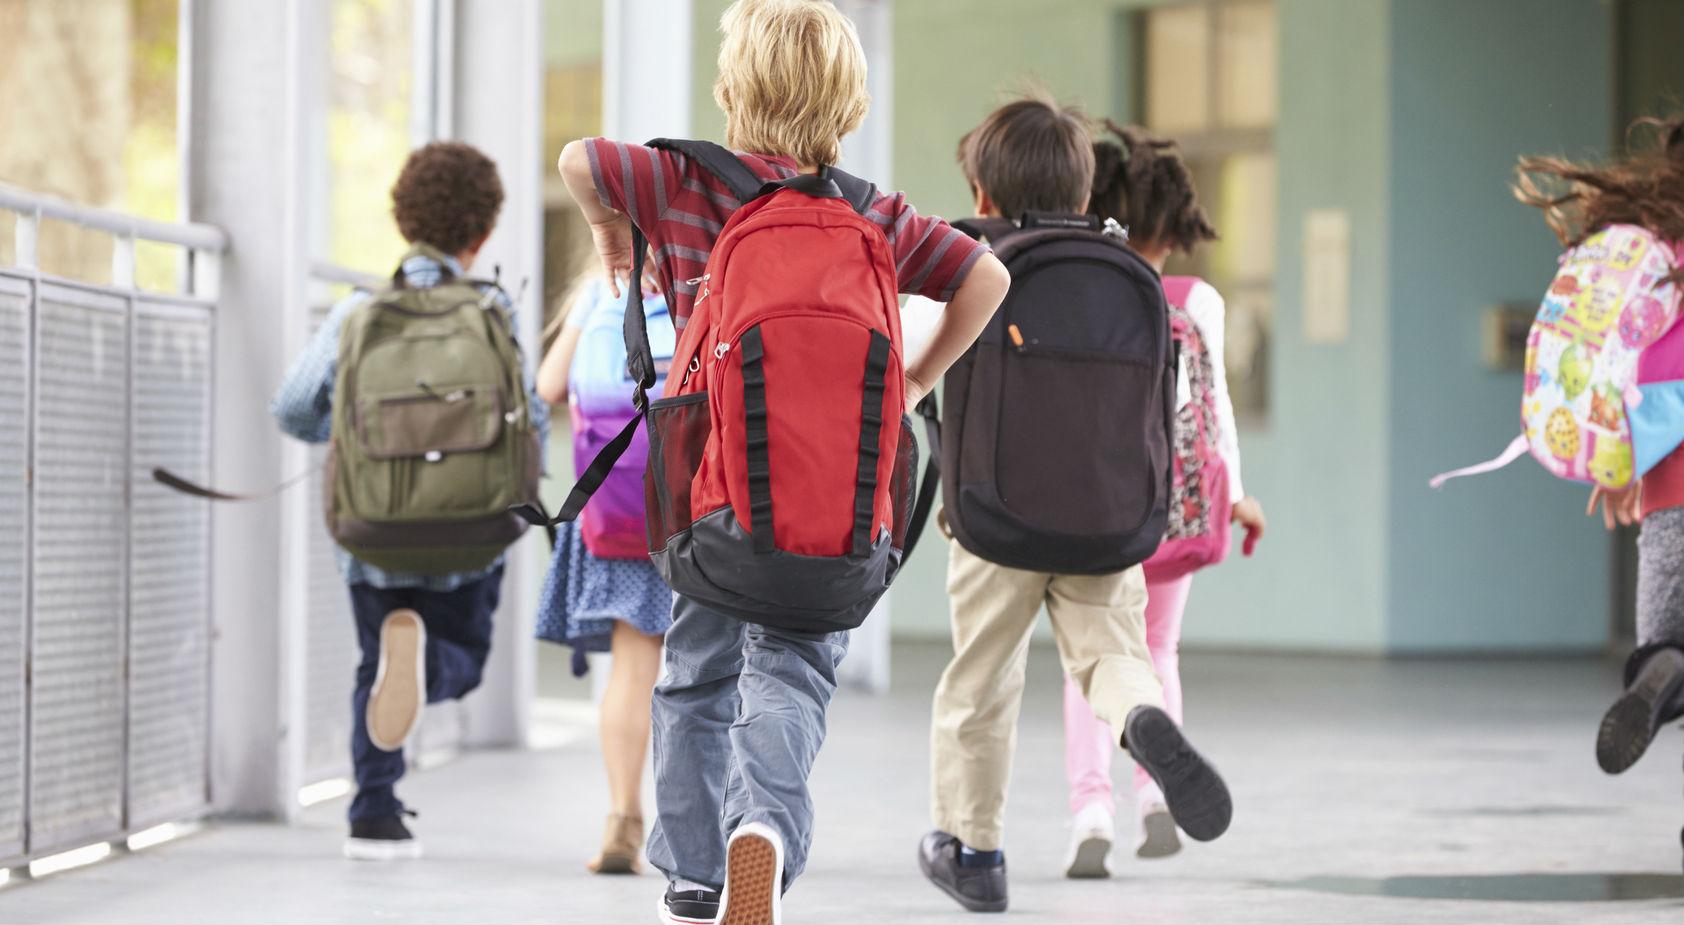 Nocera Inferiore, stop agli zaini troppo pesanti: intesa tra Comune e scuole